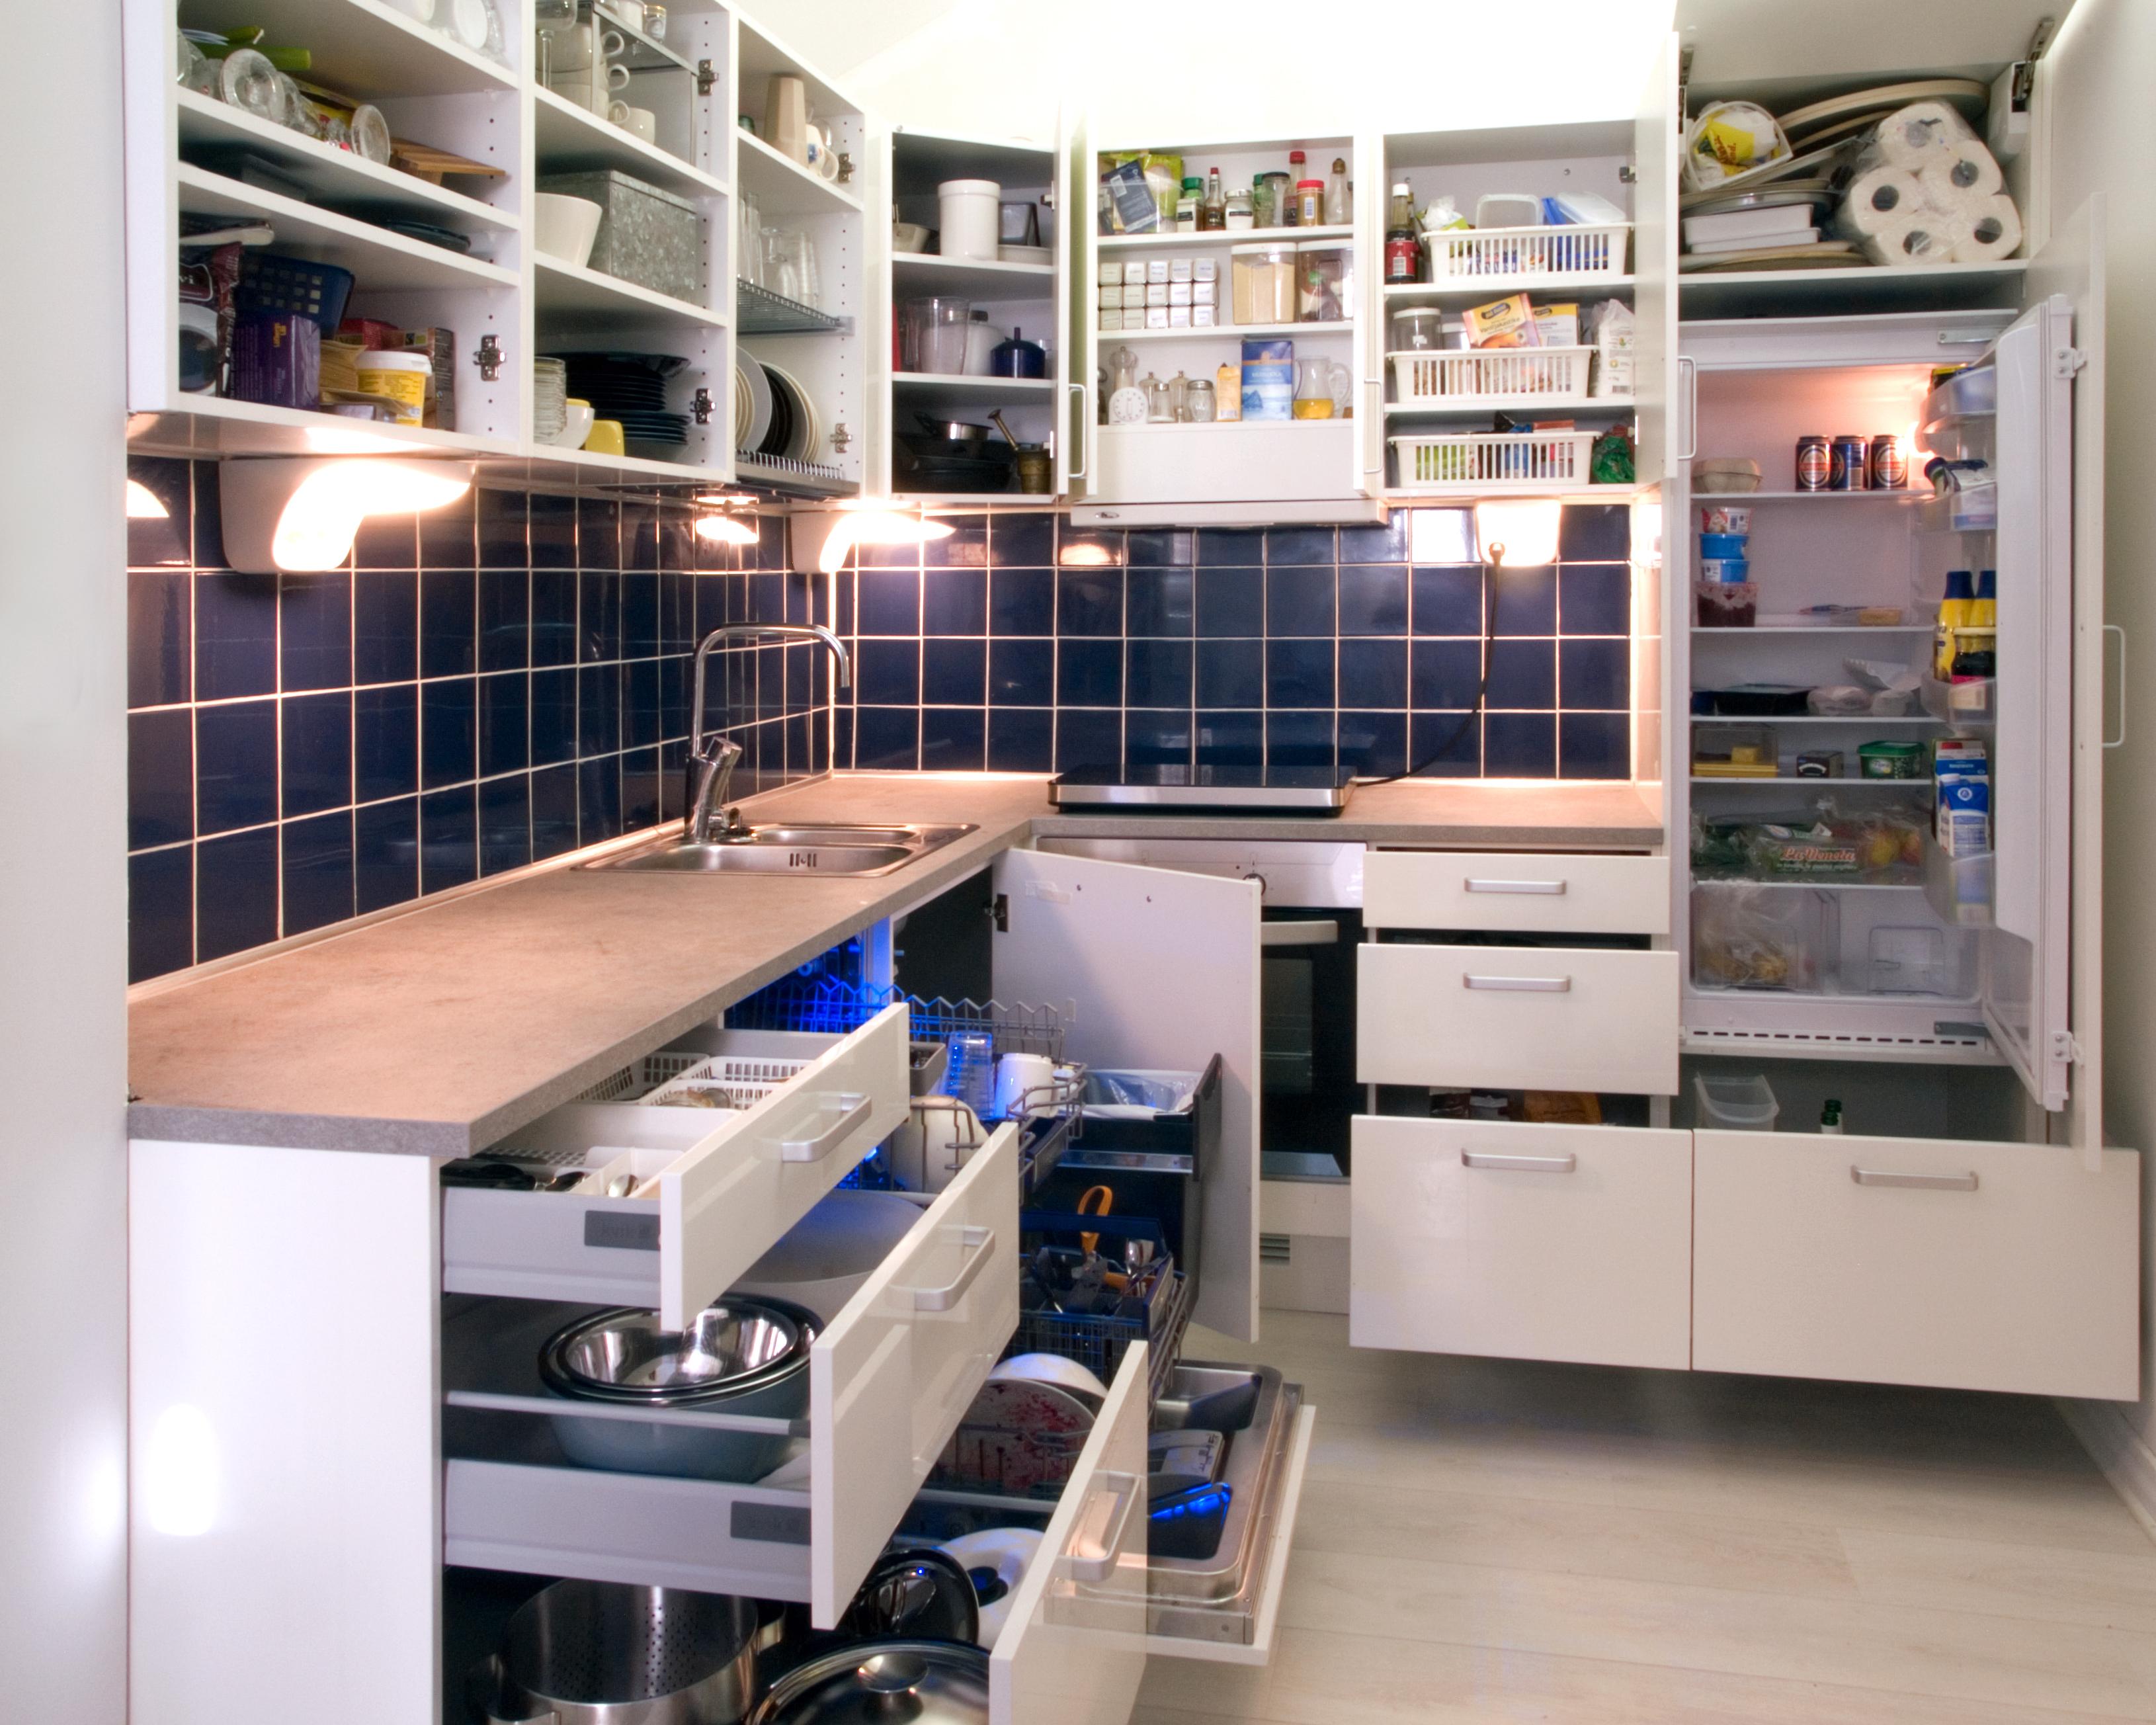 Достоинства приобретения угловой кухни